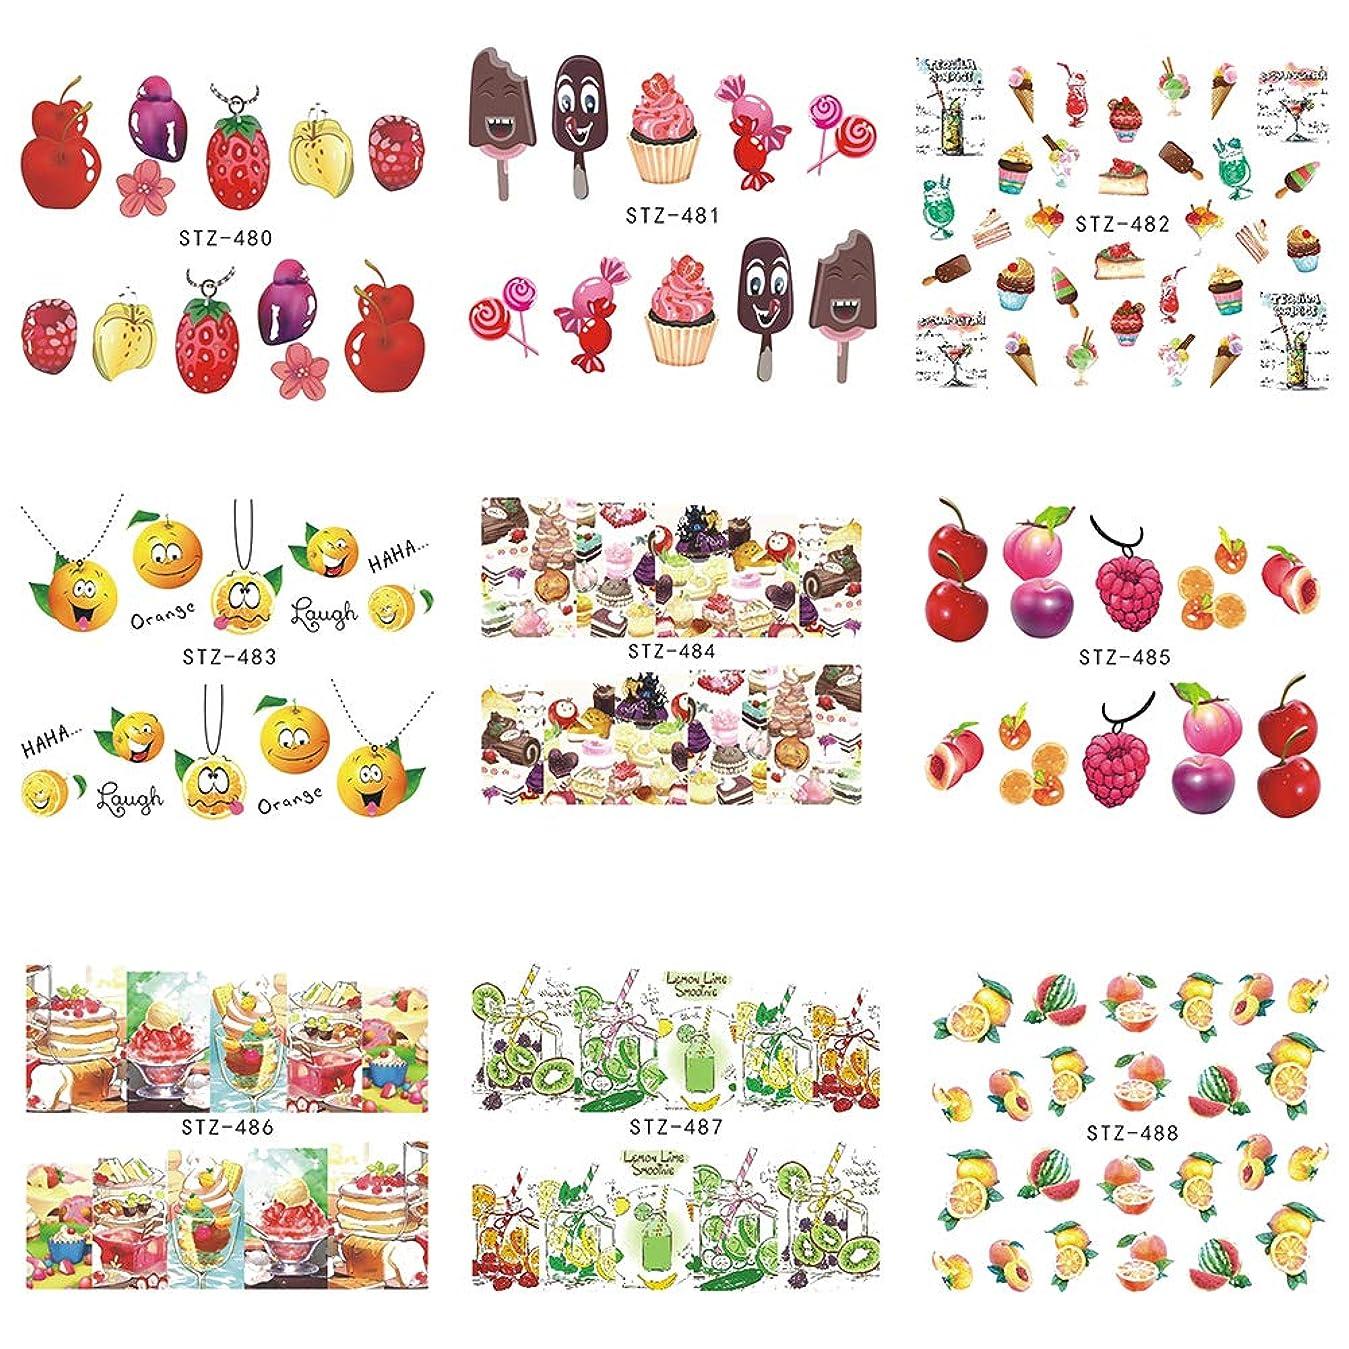 遠えつらい発表ネイルシール 3D 花/植物/果物/ケーキなど サマー柄 可愛い 18種類セット ピンク フラワー ゴージャス ネイルステッカー ネイルアートジェルネイル 足/腕/胸もとにも 貼るだけ DIY ネイル飾り